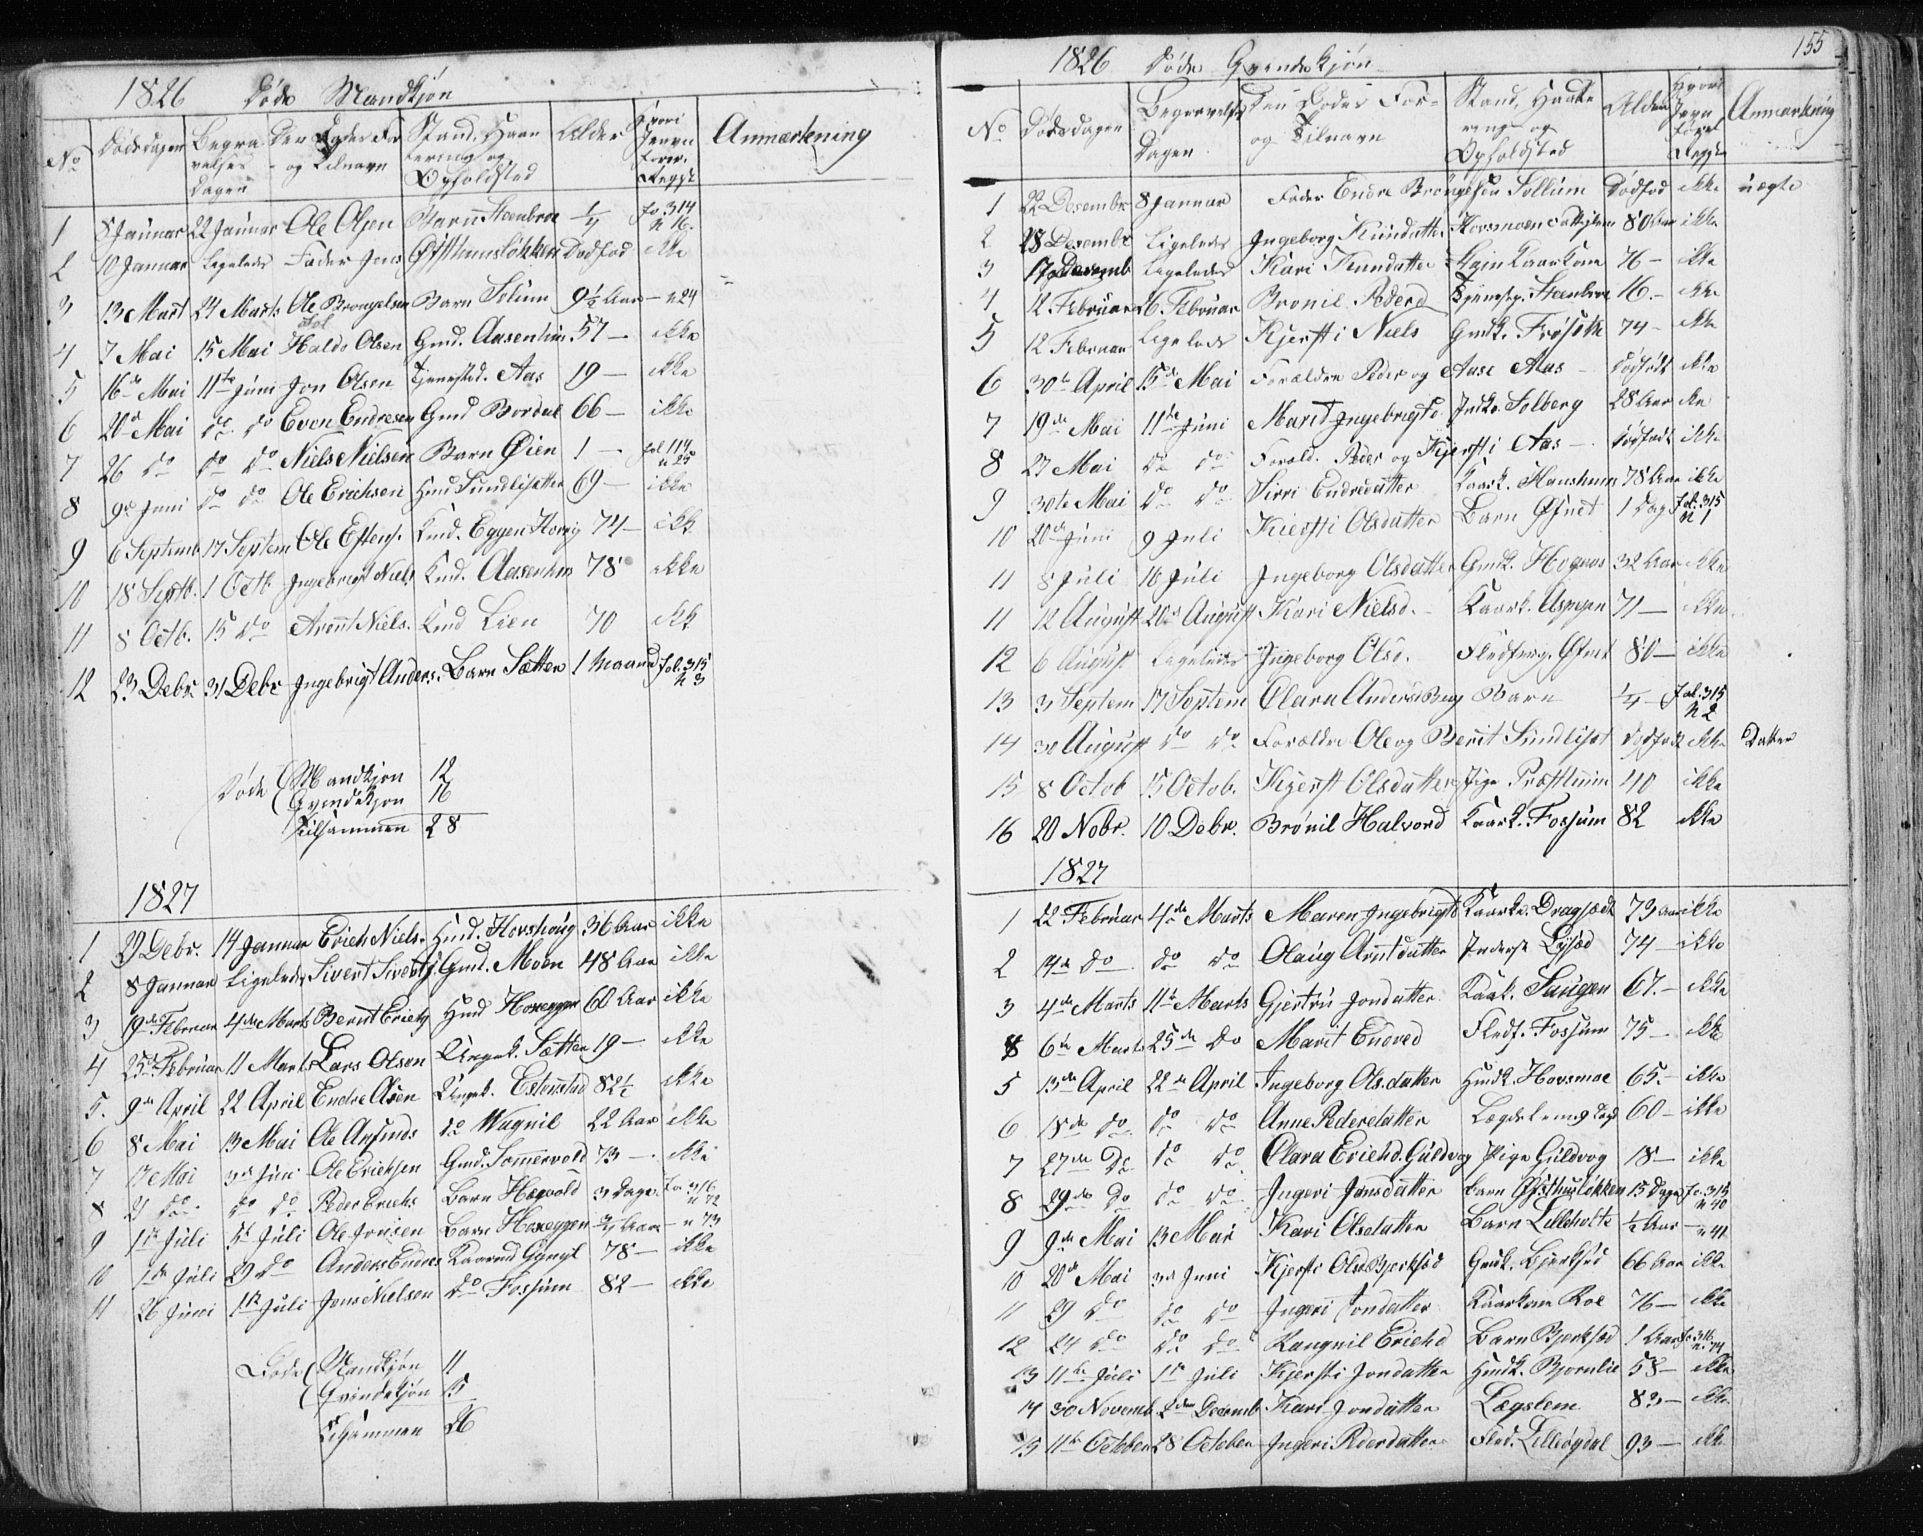 SAT, Ministerialprotokoller, klokkerbøker og fødselsregistre - Sør-Trøndelag, 689/L1043: Klokkerbok nr. 689C02, 1816-1892, s. 155